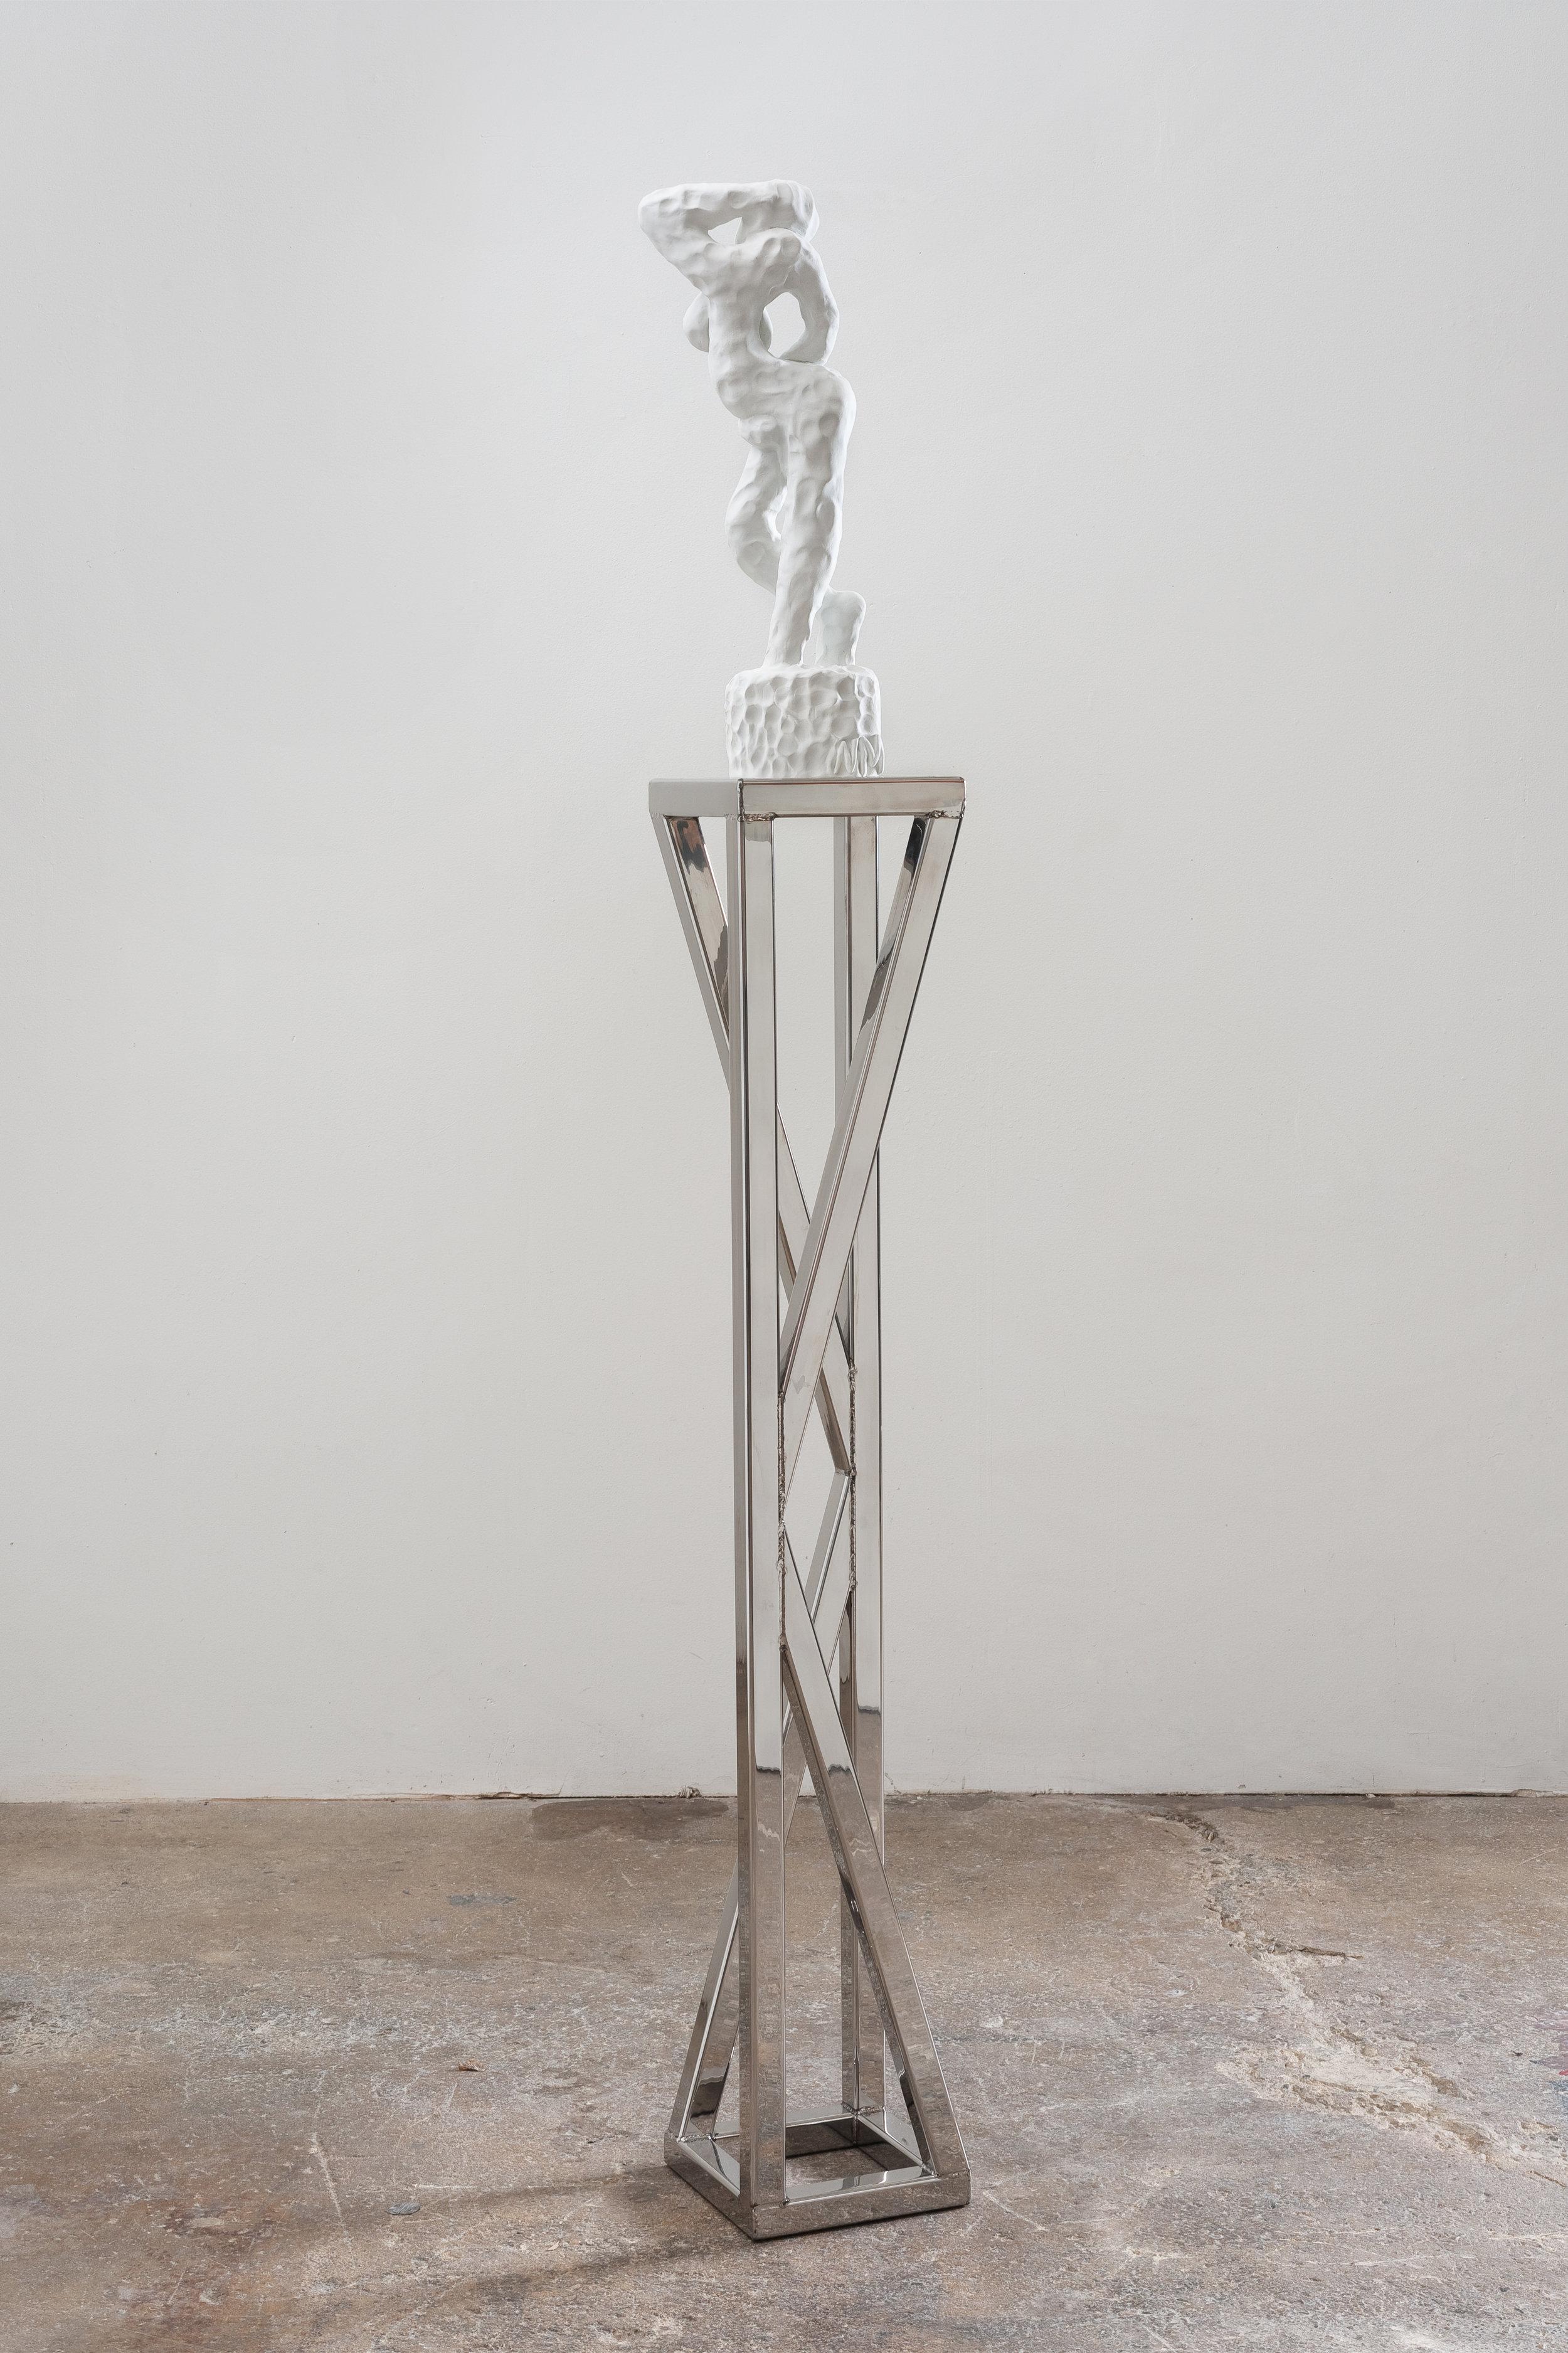 Icky-bana (Shadow Dancer), 2013 epoxy clay, stainless steel 172,7 x 20,3 x 20,3 cm - 68 x 8 x 8 inches